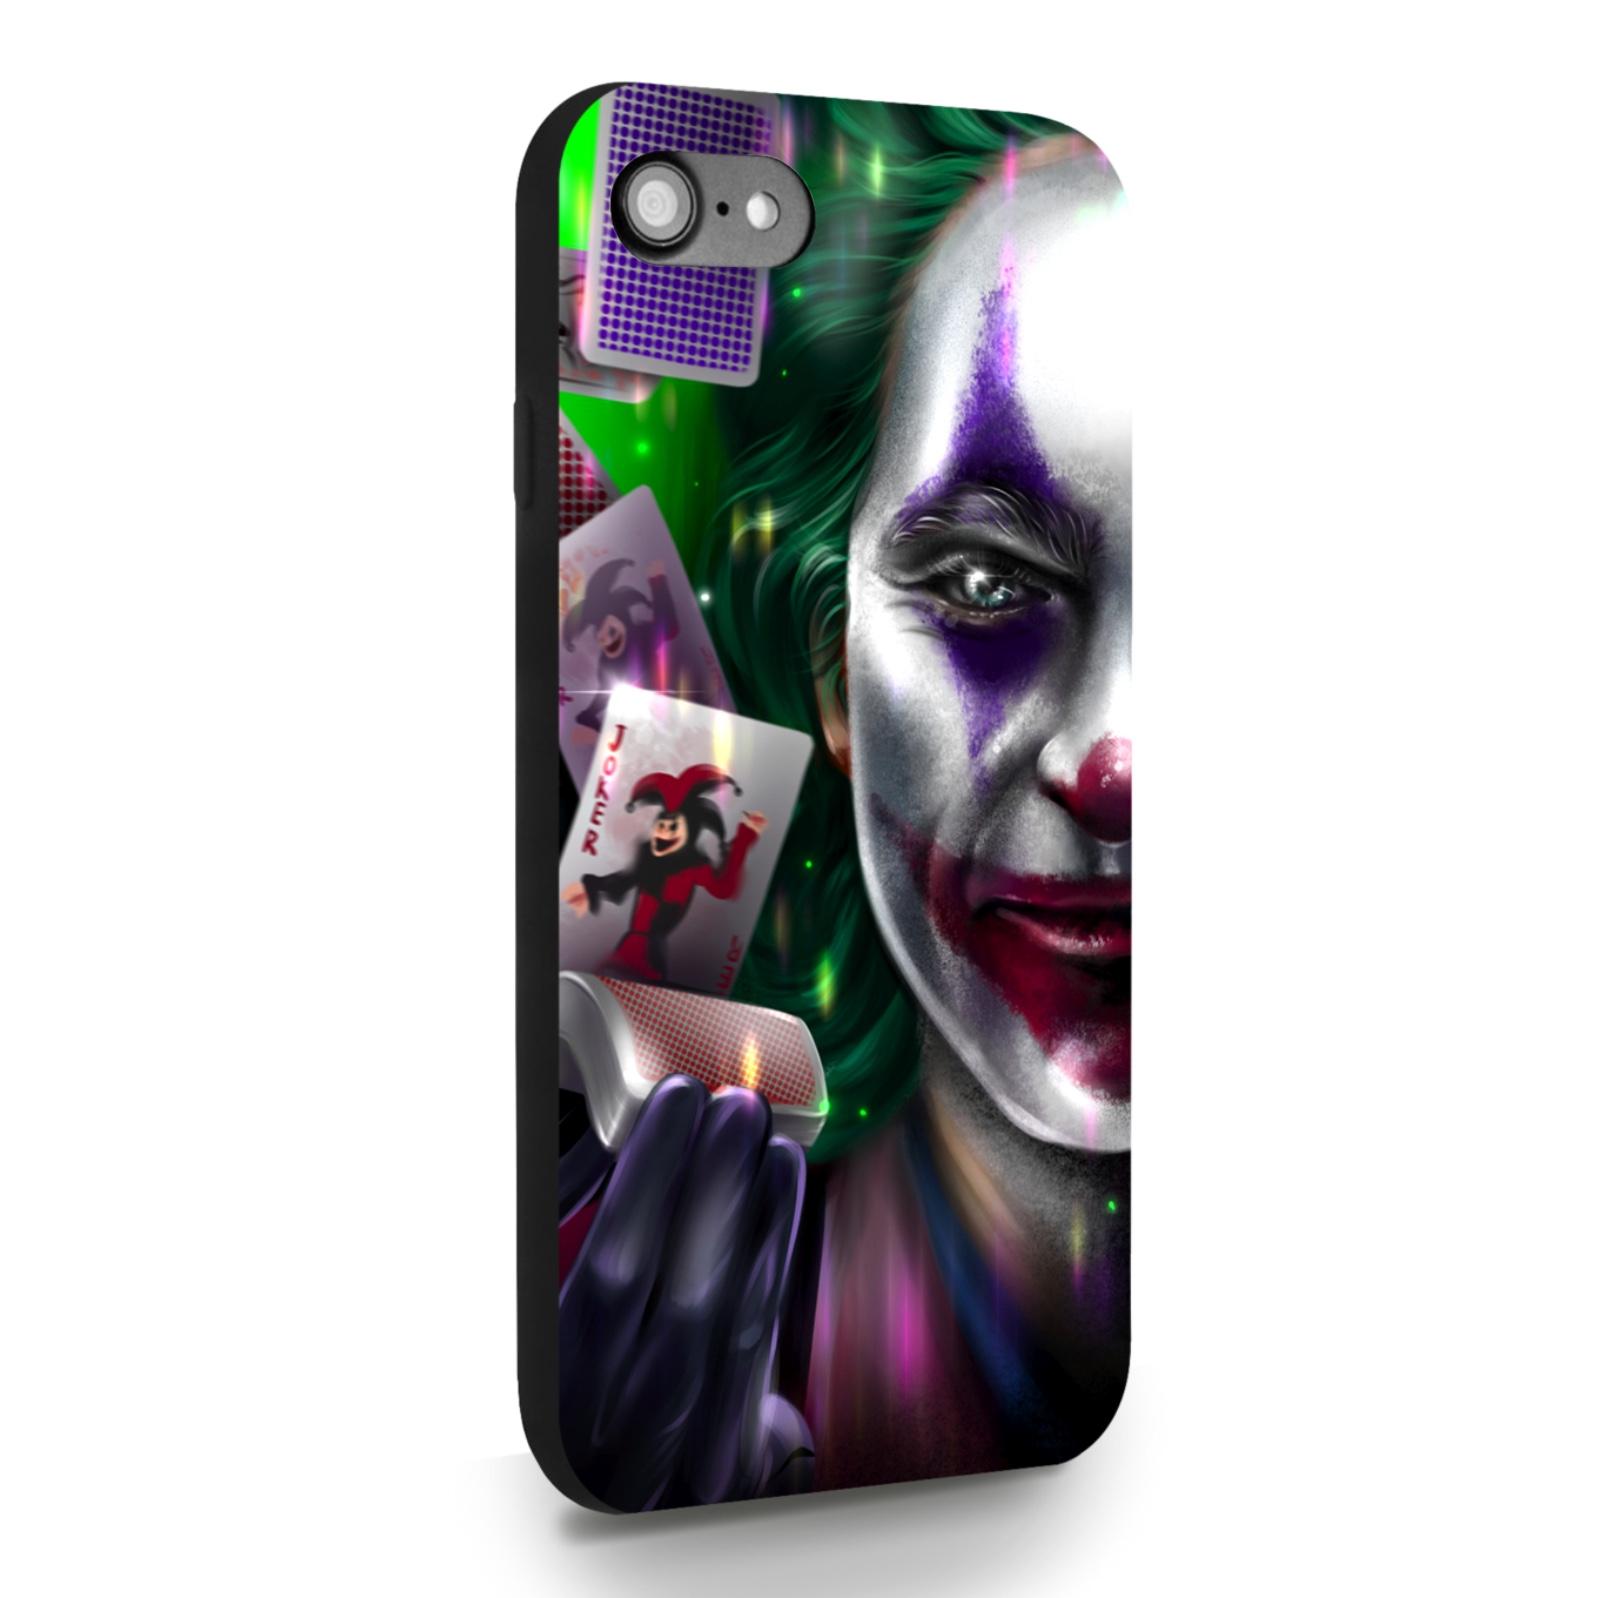 Черный силиконовый чехол для iPhone 7/8/SE2020 Joker/ Джокер для Айфон 7/8/СЕ2020